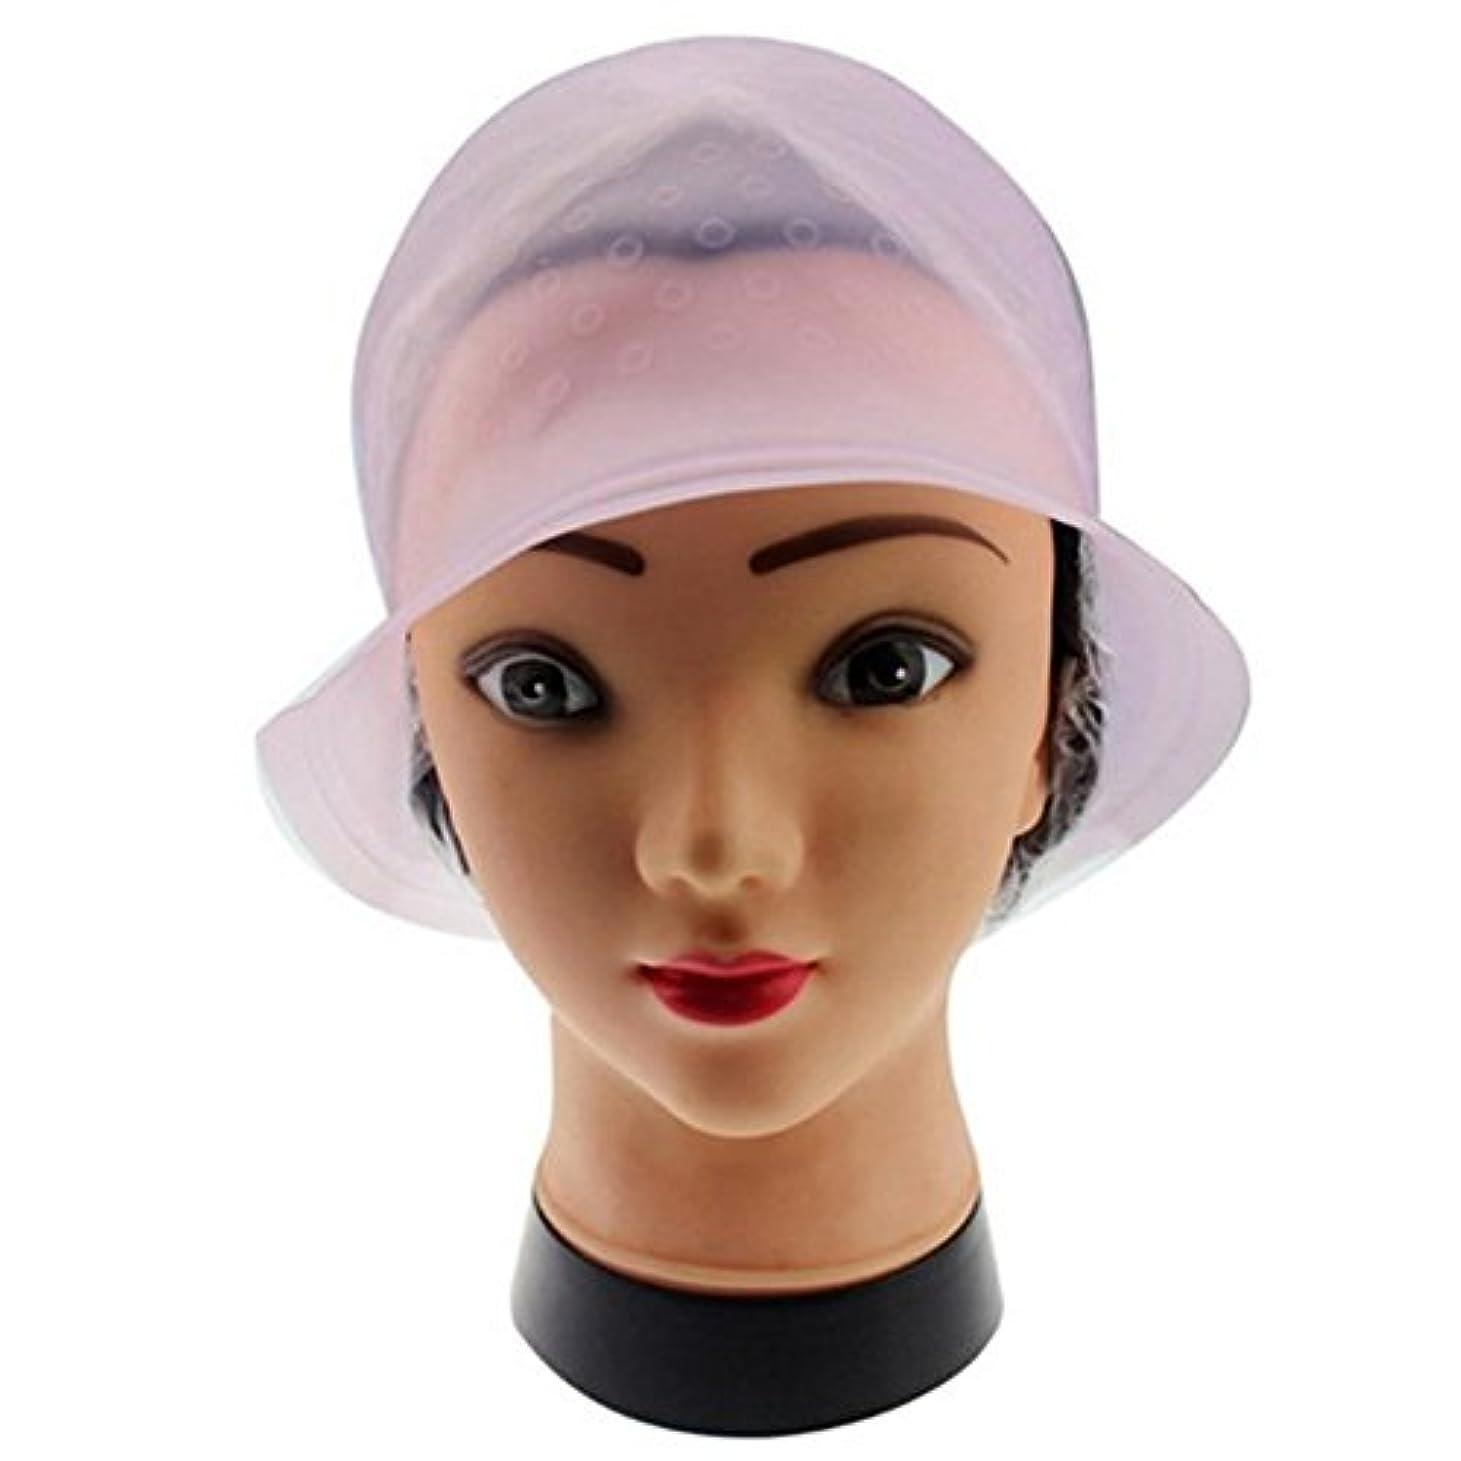 染料フロスティングキャップ、再利用可能なシリコーンヘアカラーリングキャップ、髪を強調するキャップサロンヘアカラーリング染料キャップヘアスタイリングツール髪を染めるための針(紫の)